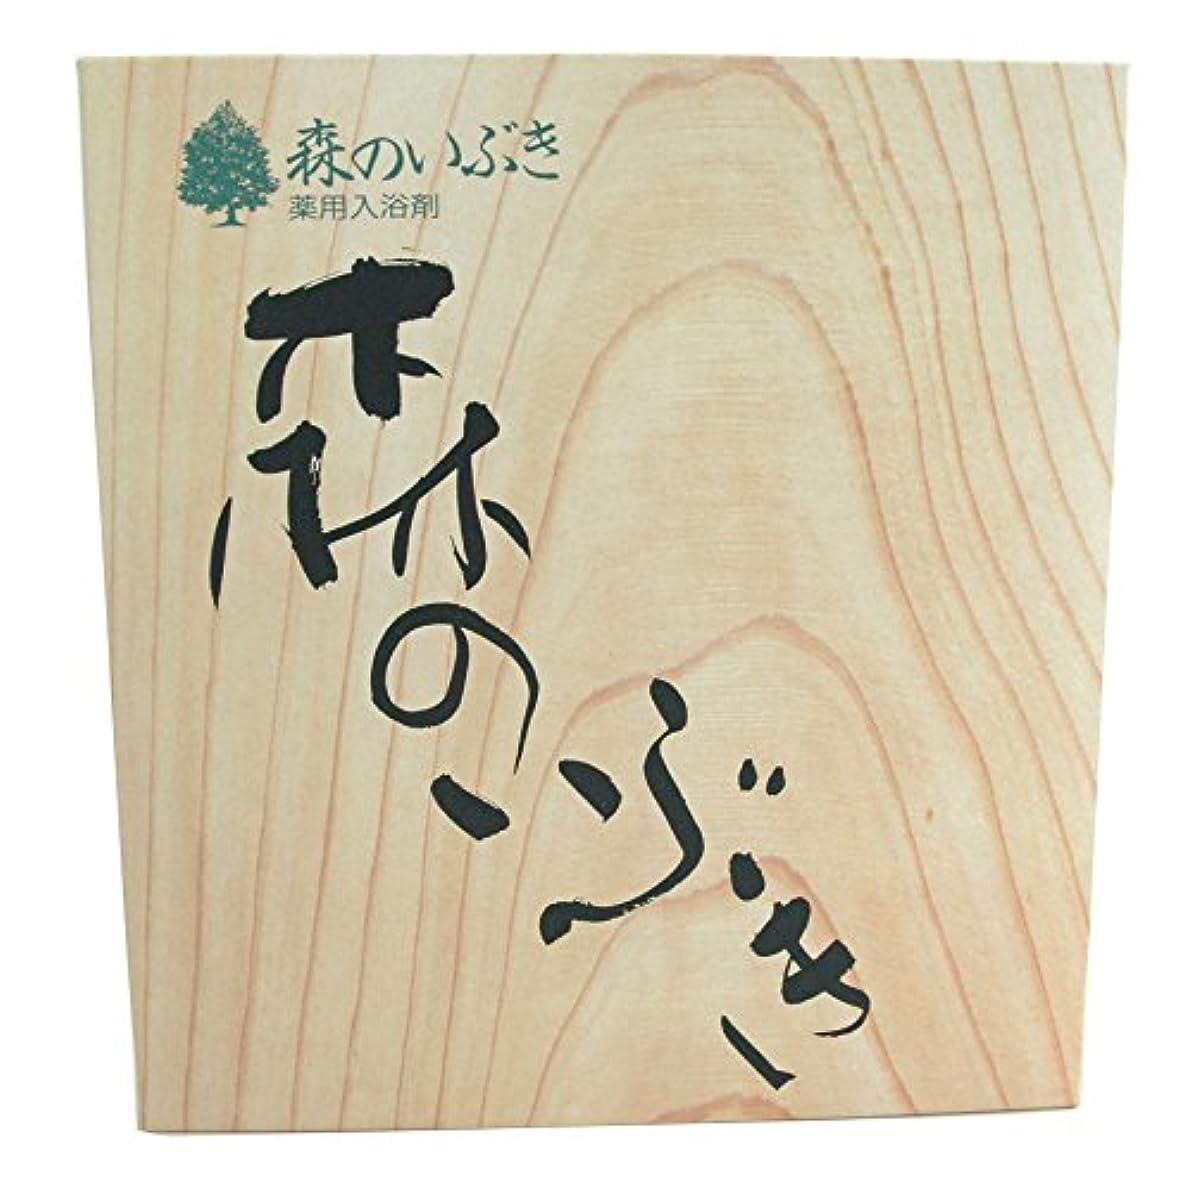 バンジョー露相対的森のいぶきギフトセット HMI15 [医薬部外品]